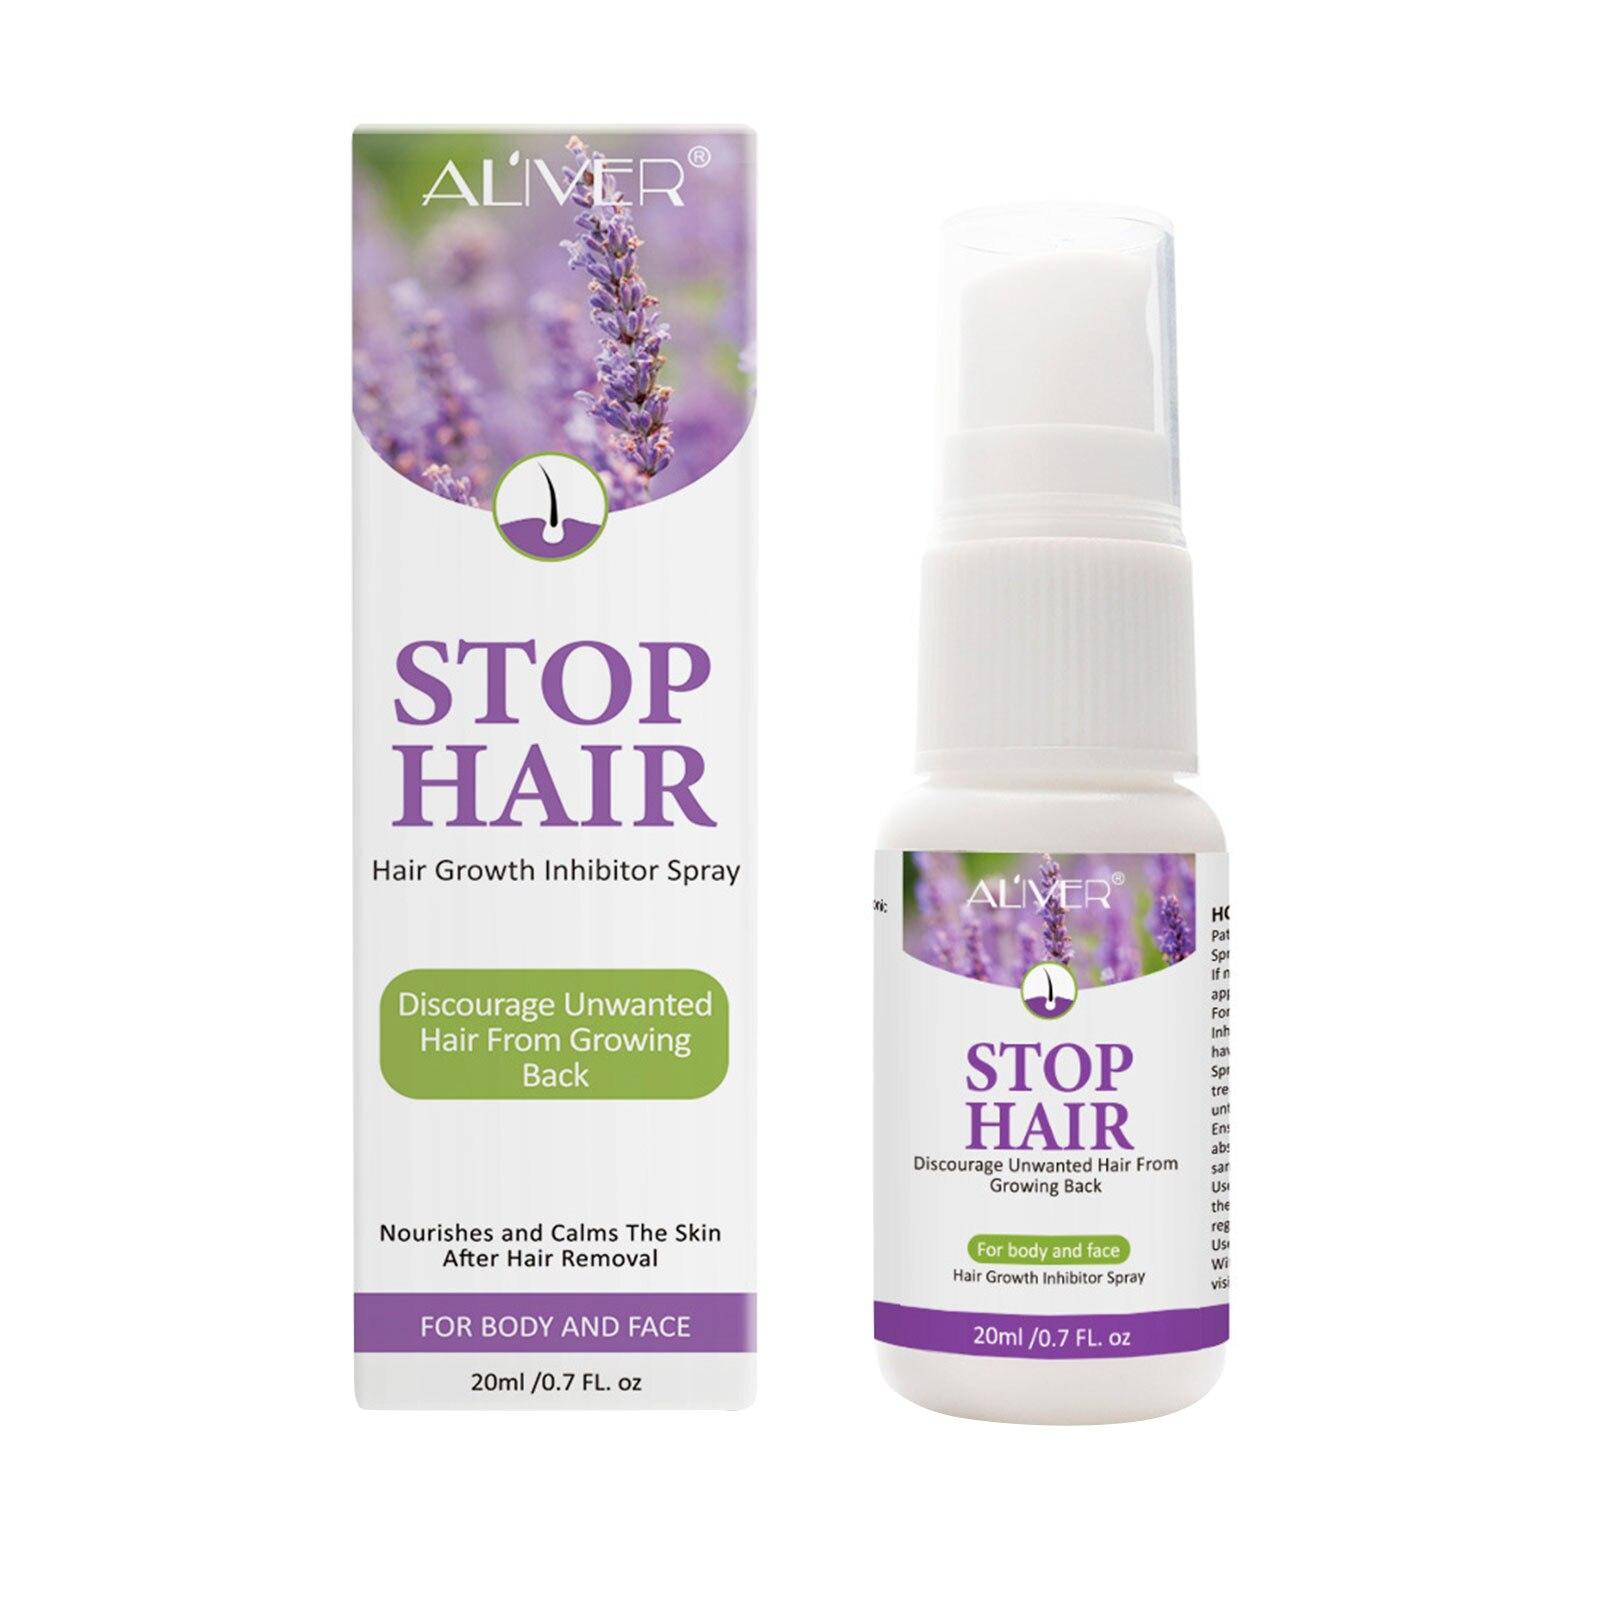 ALIVER-indoloro para el crecimiento del cabello, dispositivo para frenar el crecimiento del...